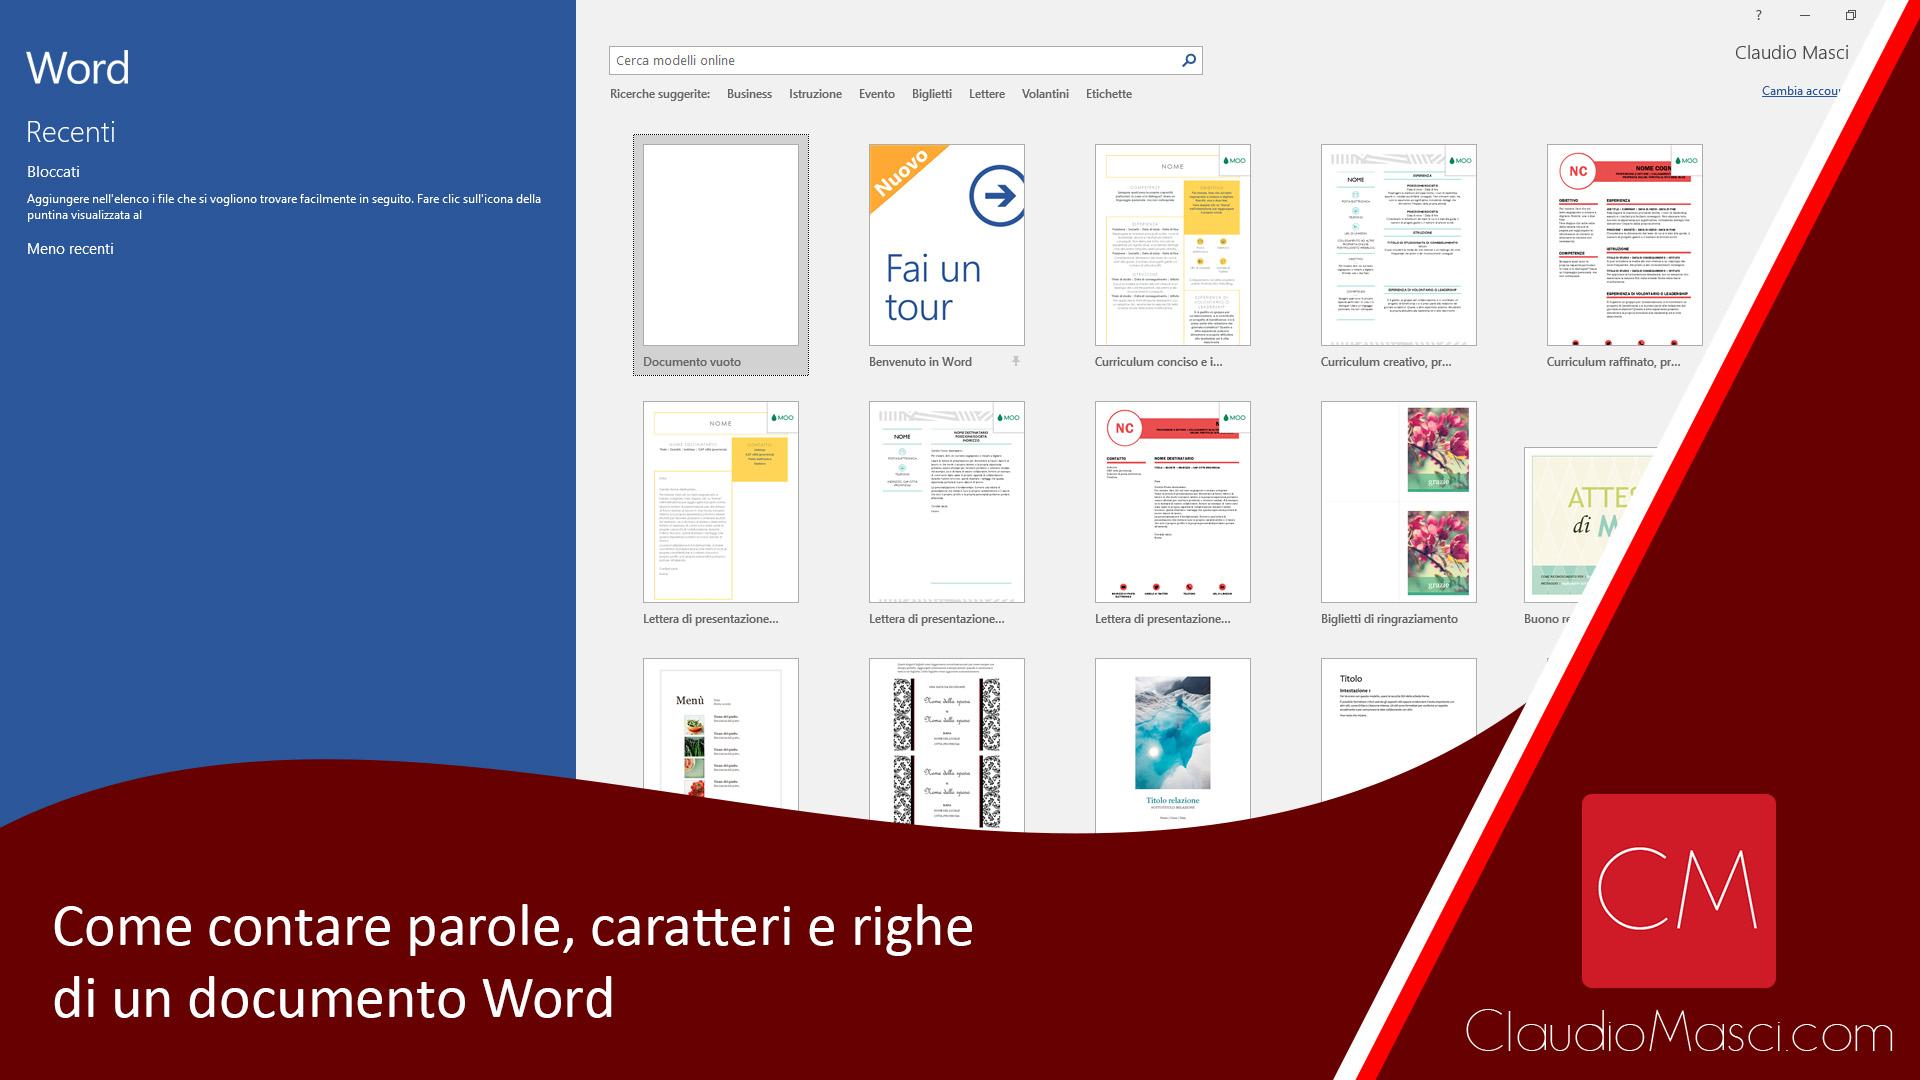 Come contare parole, caratteri e righe di un documento Word